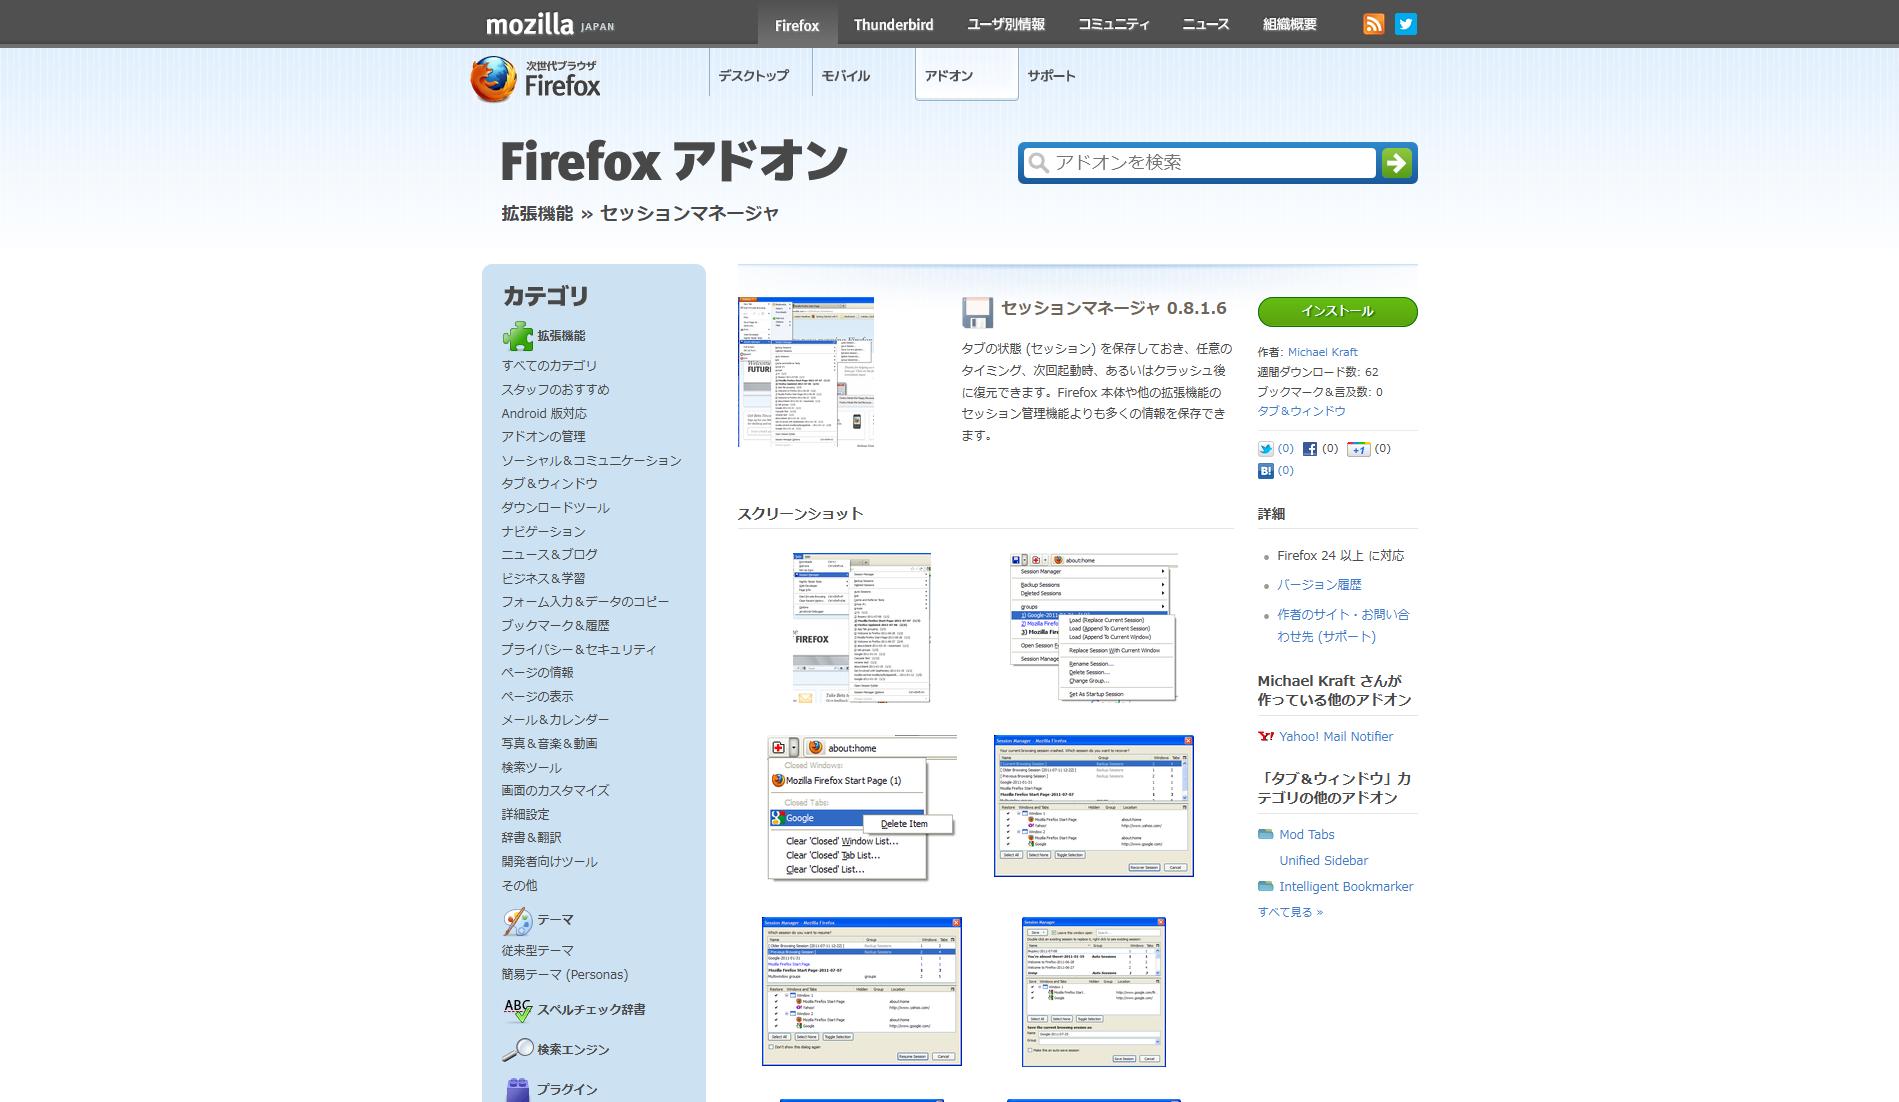 セッションマネージャ Firefox アドオン Mozilla Japan の公式アドオン紹介サイト